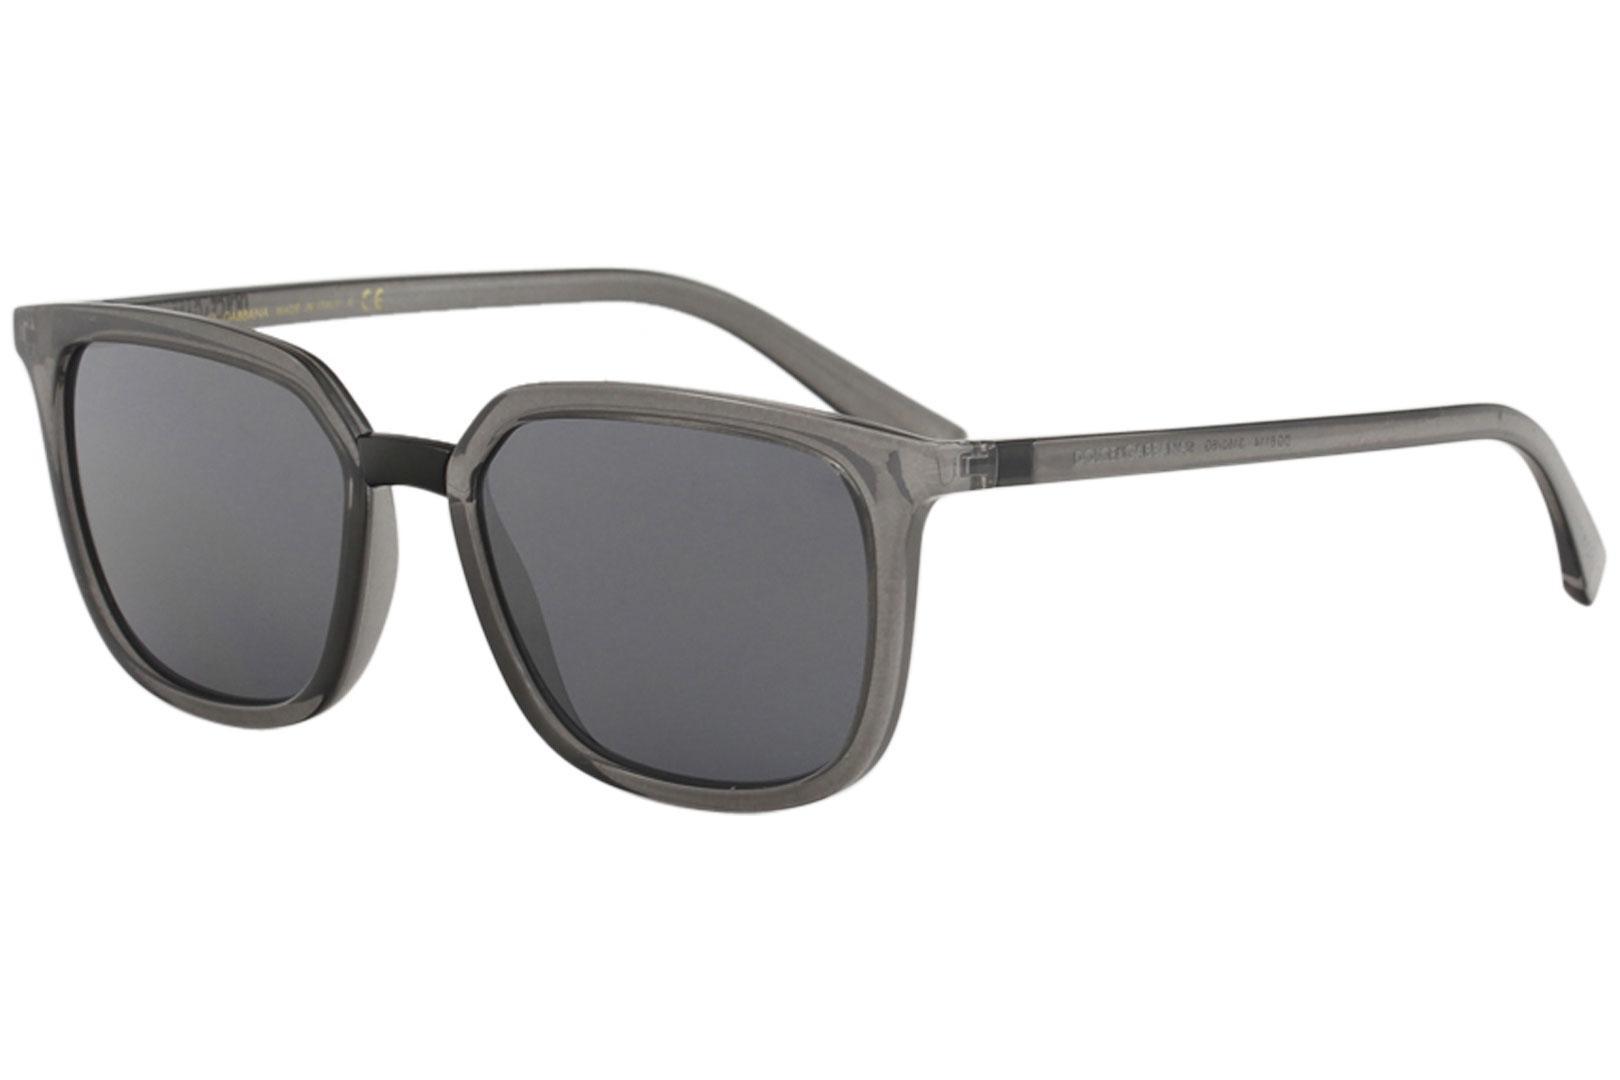 c4cf5e355a Dolce Fashion Square D Gabbana amp g Sunglasses Men s amp  Dg6114 RAZr7qvRPw